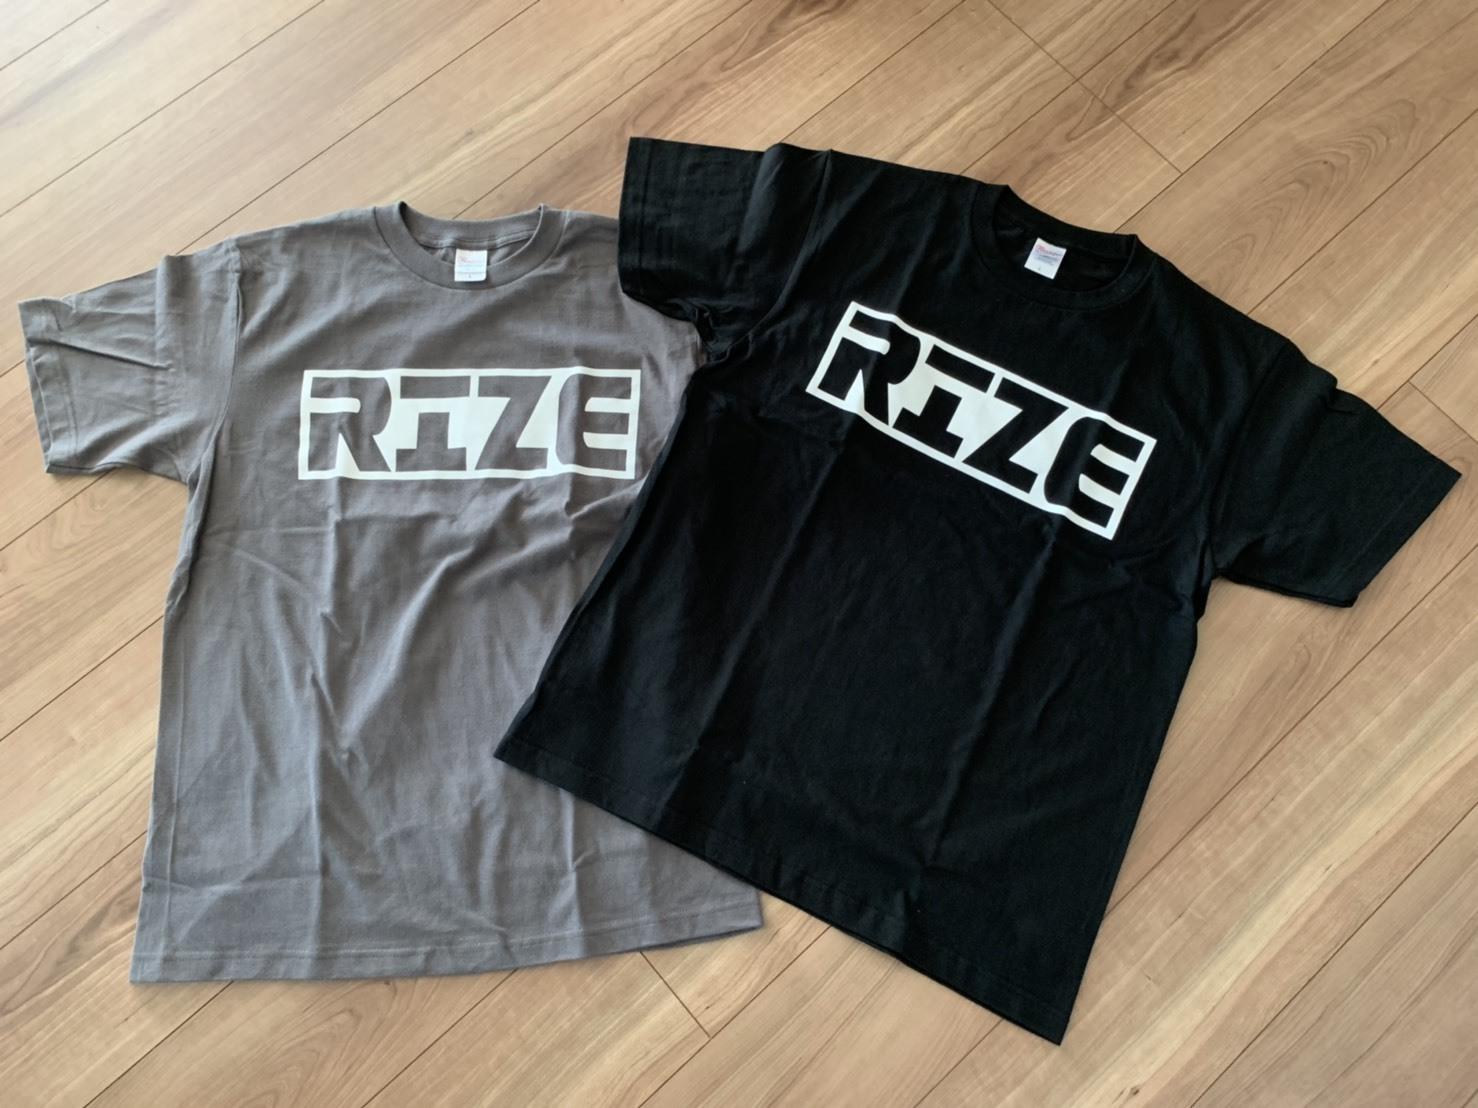 限定 2019年 RIZEJAPAN  オリジナルTシャツ / Original Tshirts 2019 Limited 送料無料